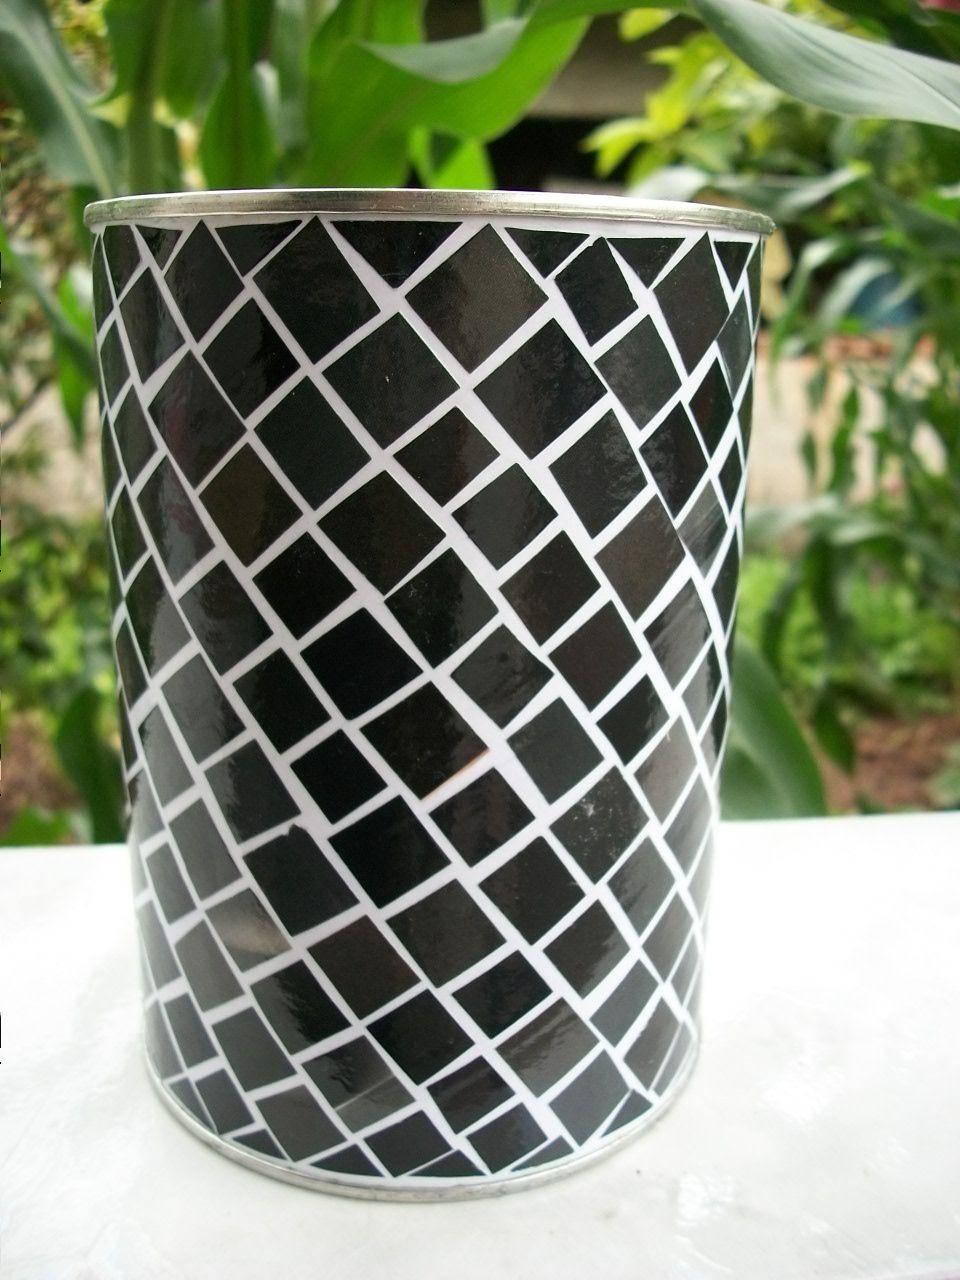 Mosaico de folhas de revista em lata de leite em pó. Mosaic made out of old magazines on a powder milk can.